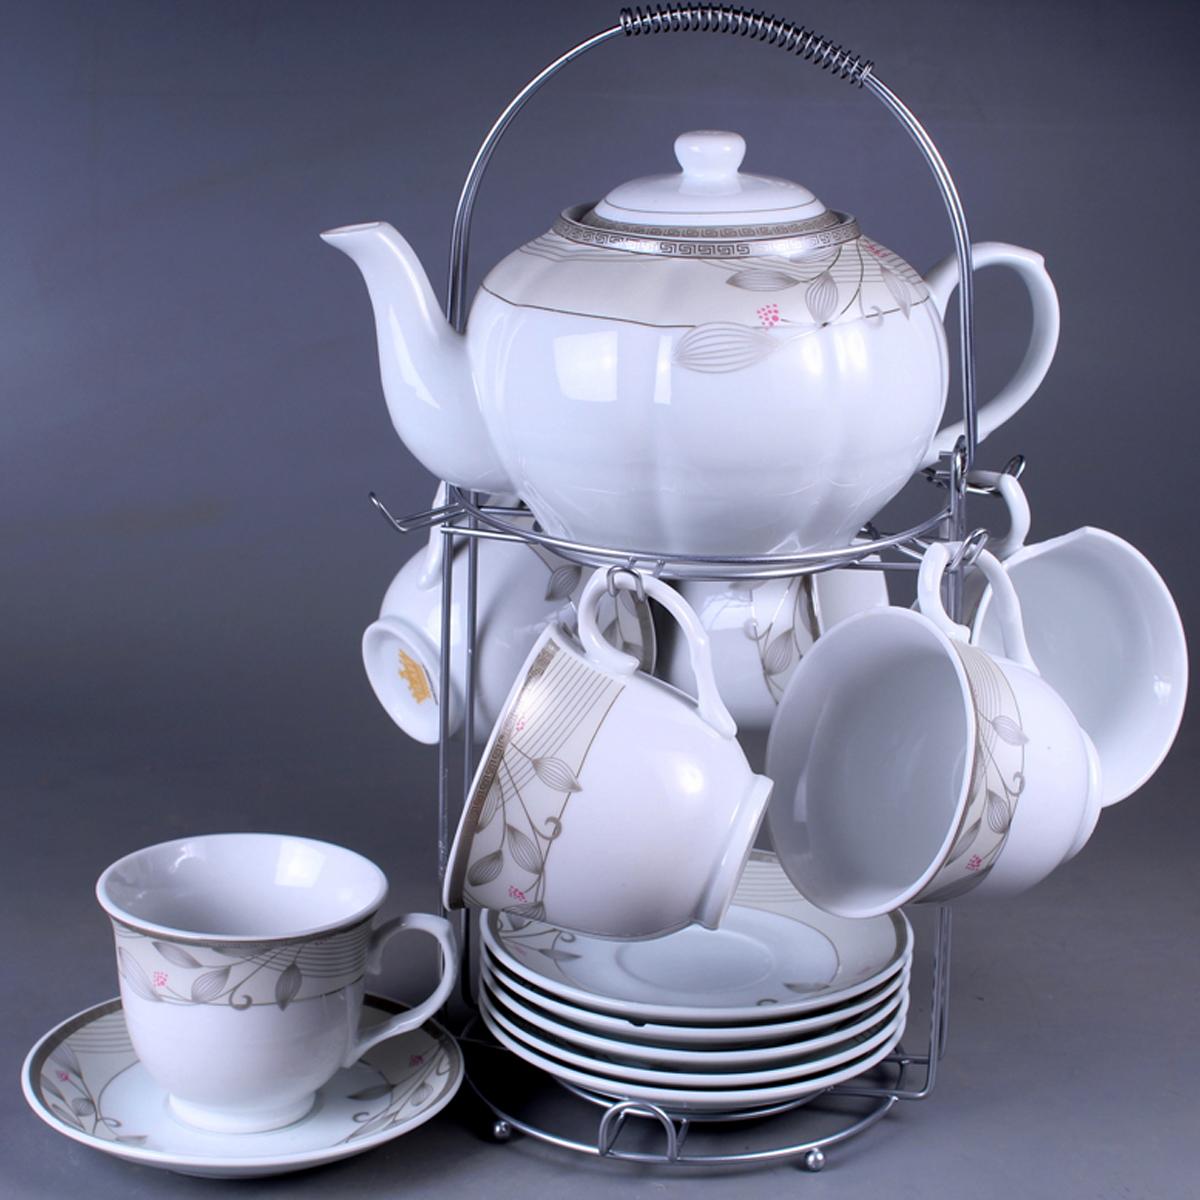 Набор чайный Olaff, на подставке, 13 предметов. SCS-13MS-013SCS-13MS-013Набор чайный, 13 предметов: 6 чашек 220 мл + 6 блюдец + чайник 1200 мл